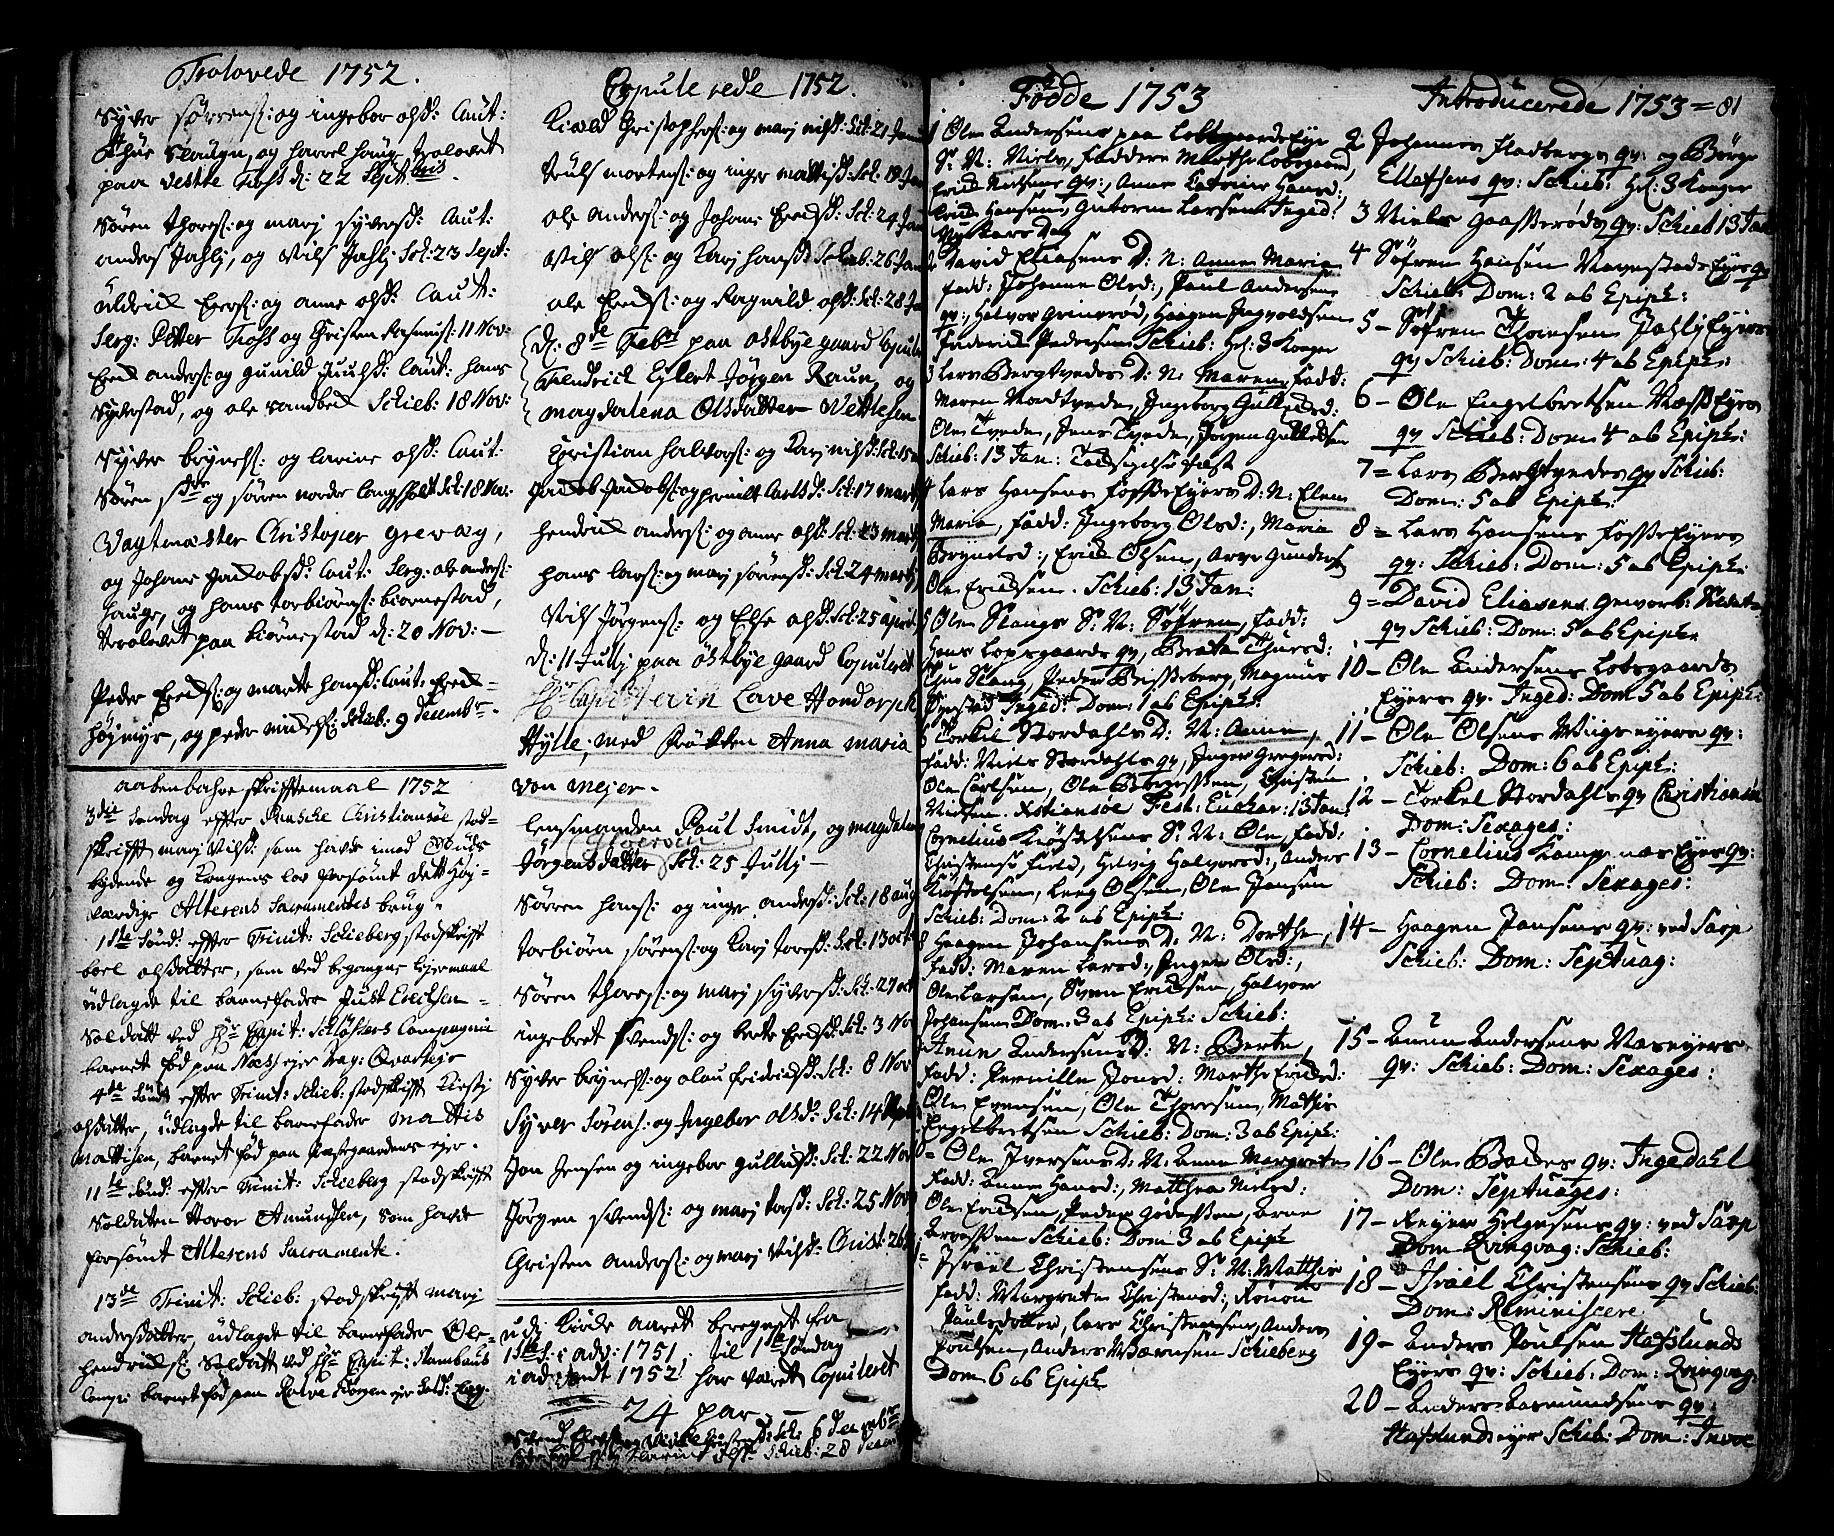 SAO, Skjeberg prestekontor Kirkebøker, F/Fa/L0002: Ministerialbok nr. I 2, 1726-1791, s. 81